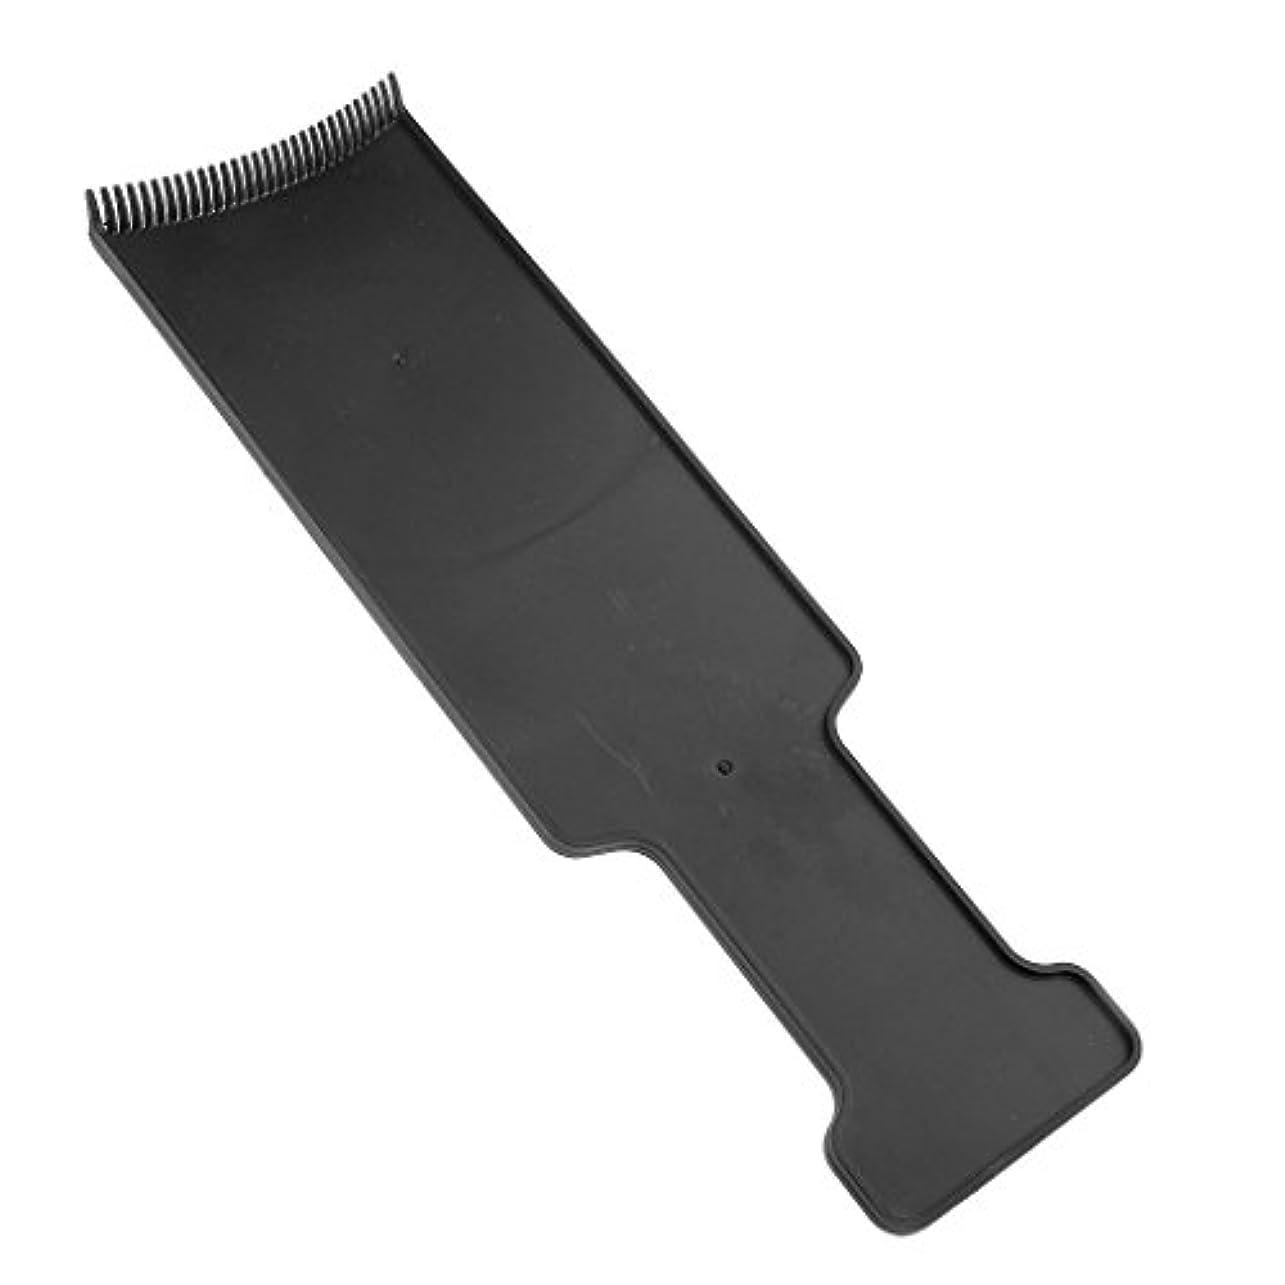 リッチ指定闘争サロン ヘアカラー ボード ヘア 染色 ツール ブラック 全4サイズ - M